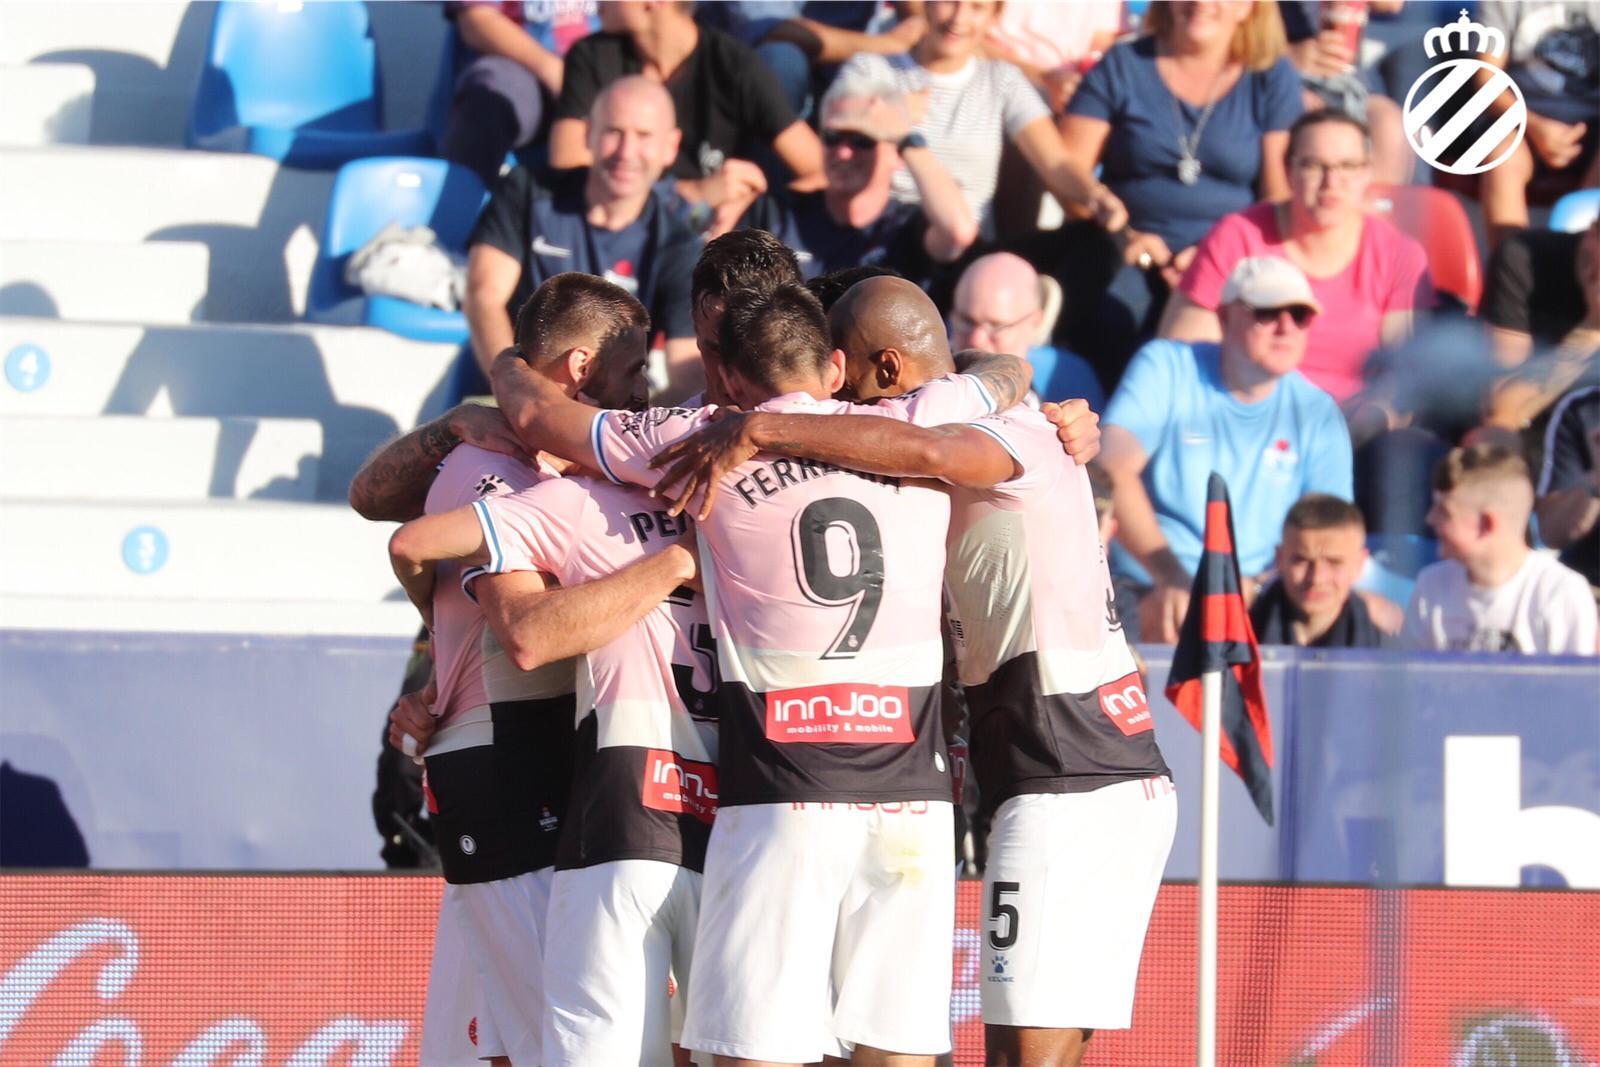 西班牙人1-0客胜莱万特,贝尔纳多打进加盟后首球!